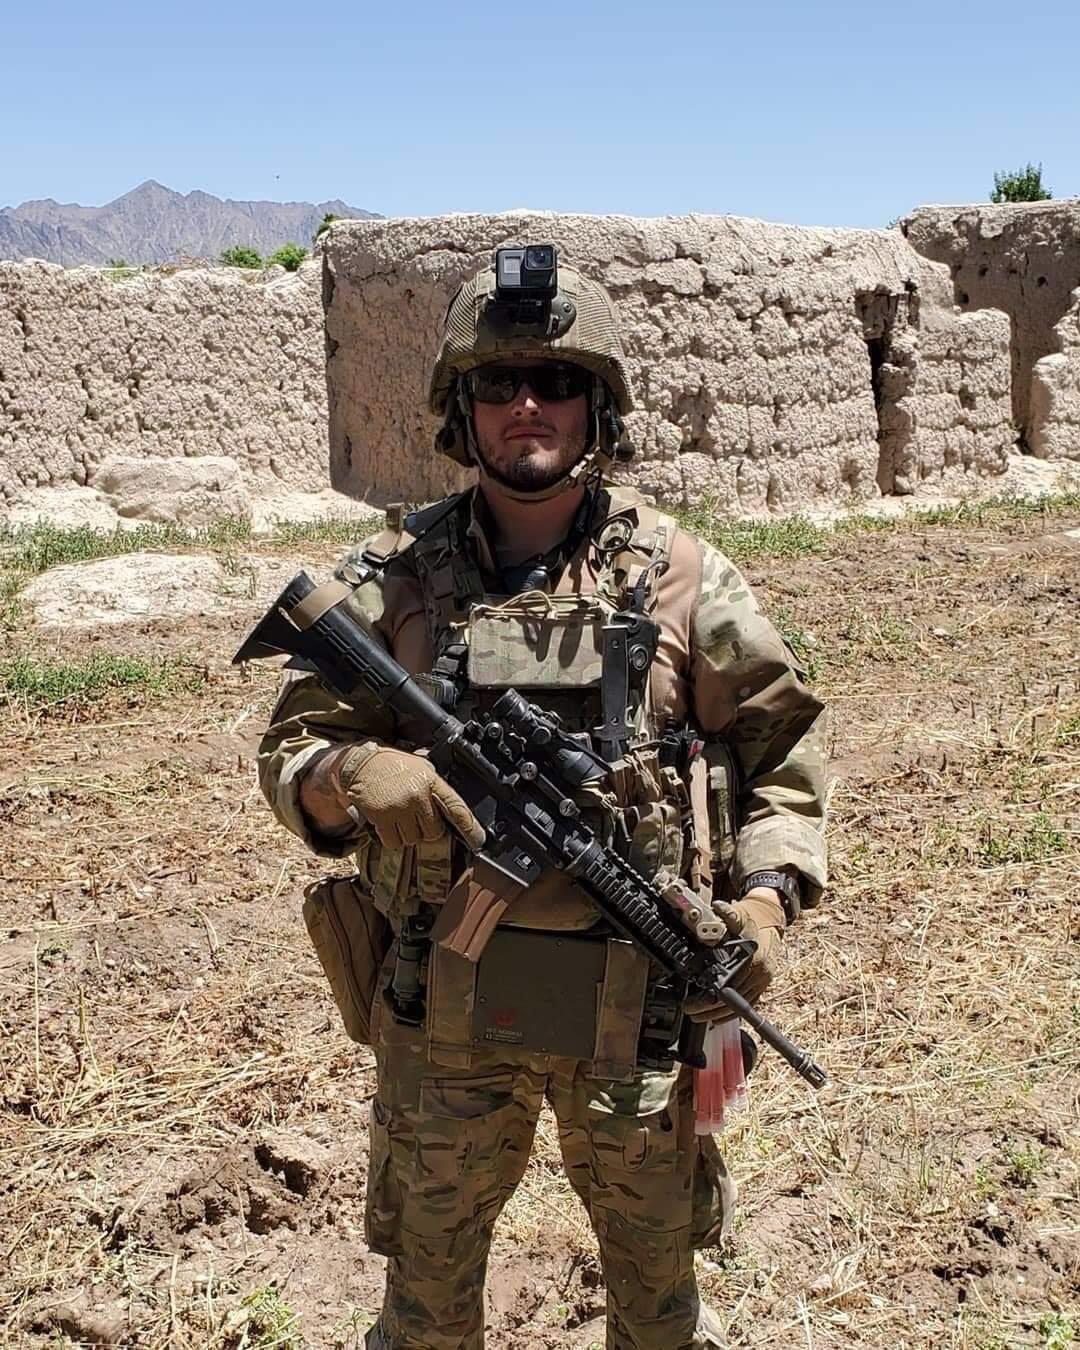 Sgt. Johnston Afghanistan